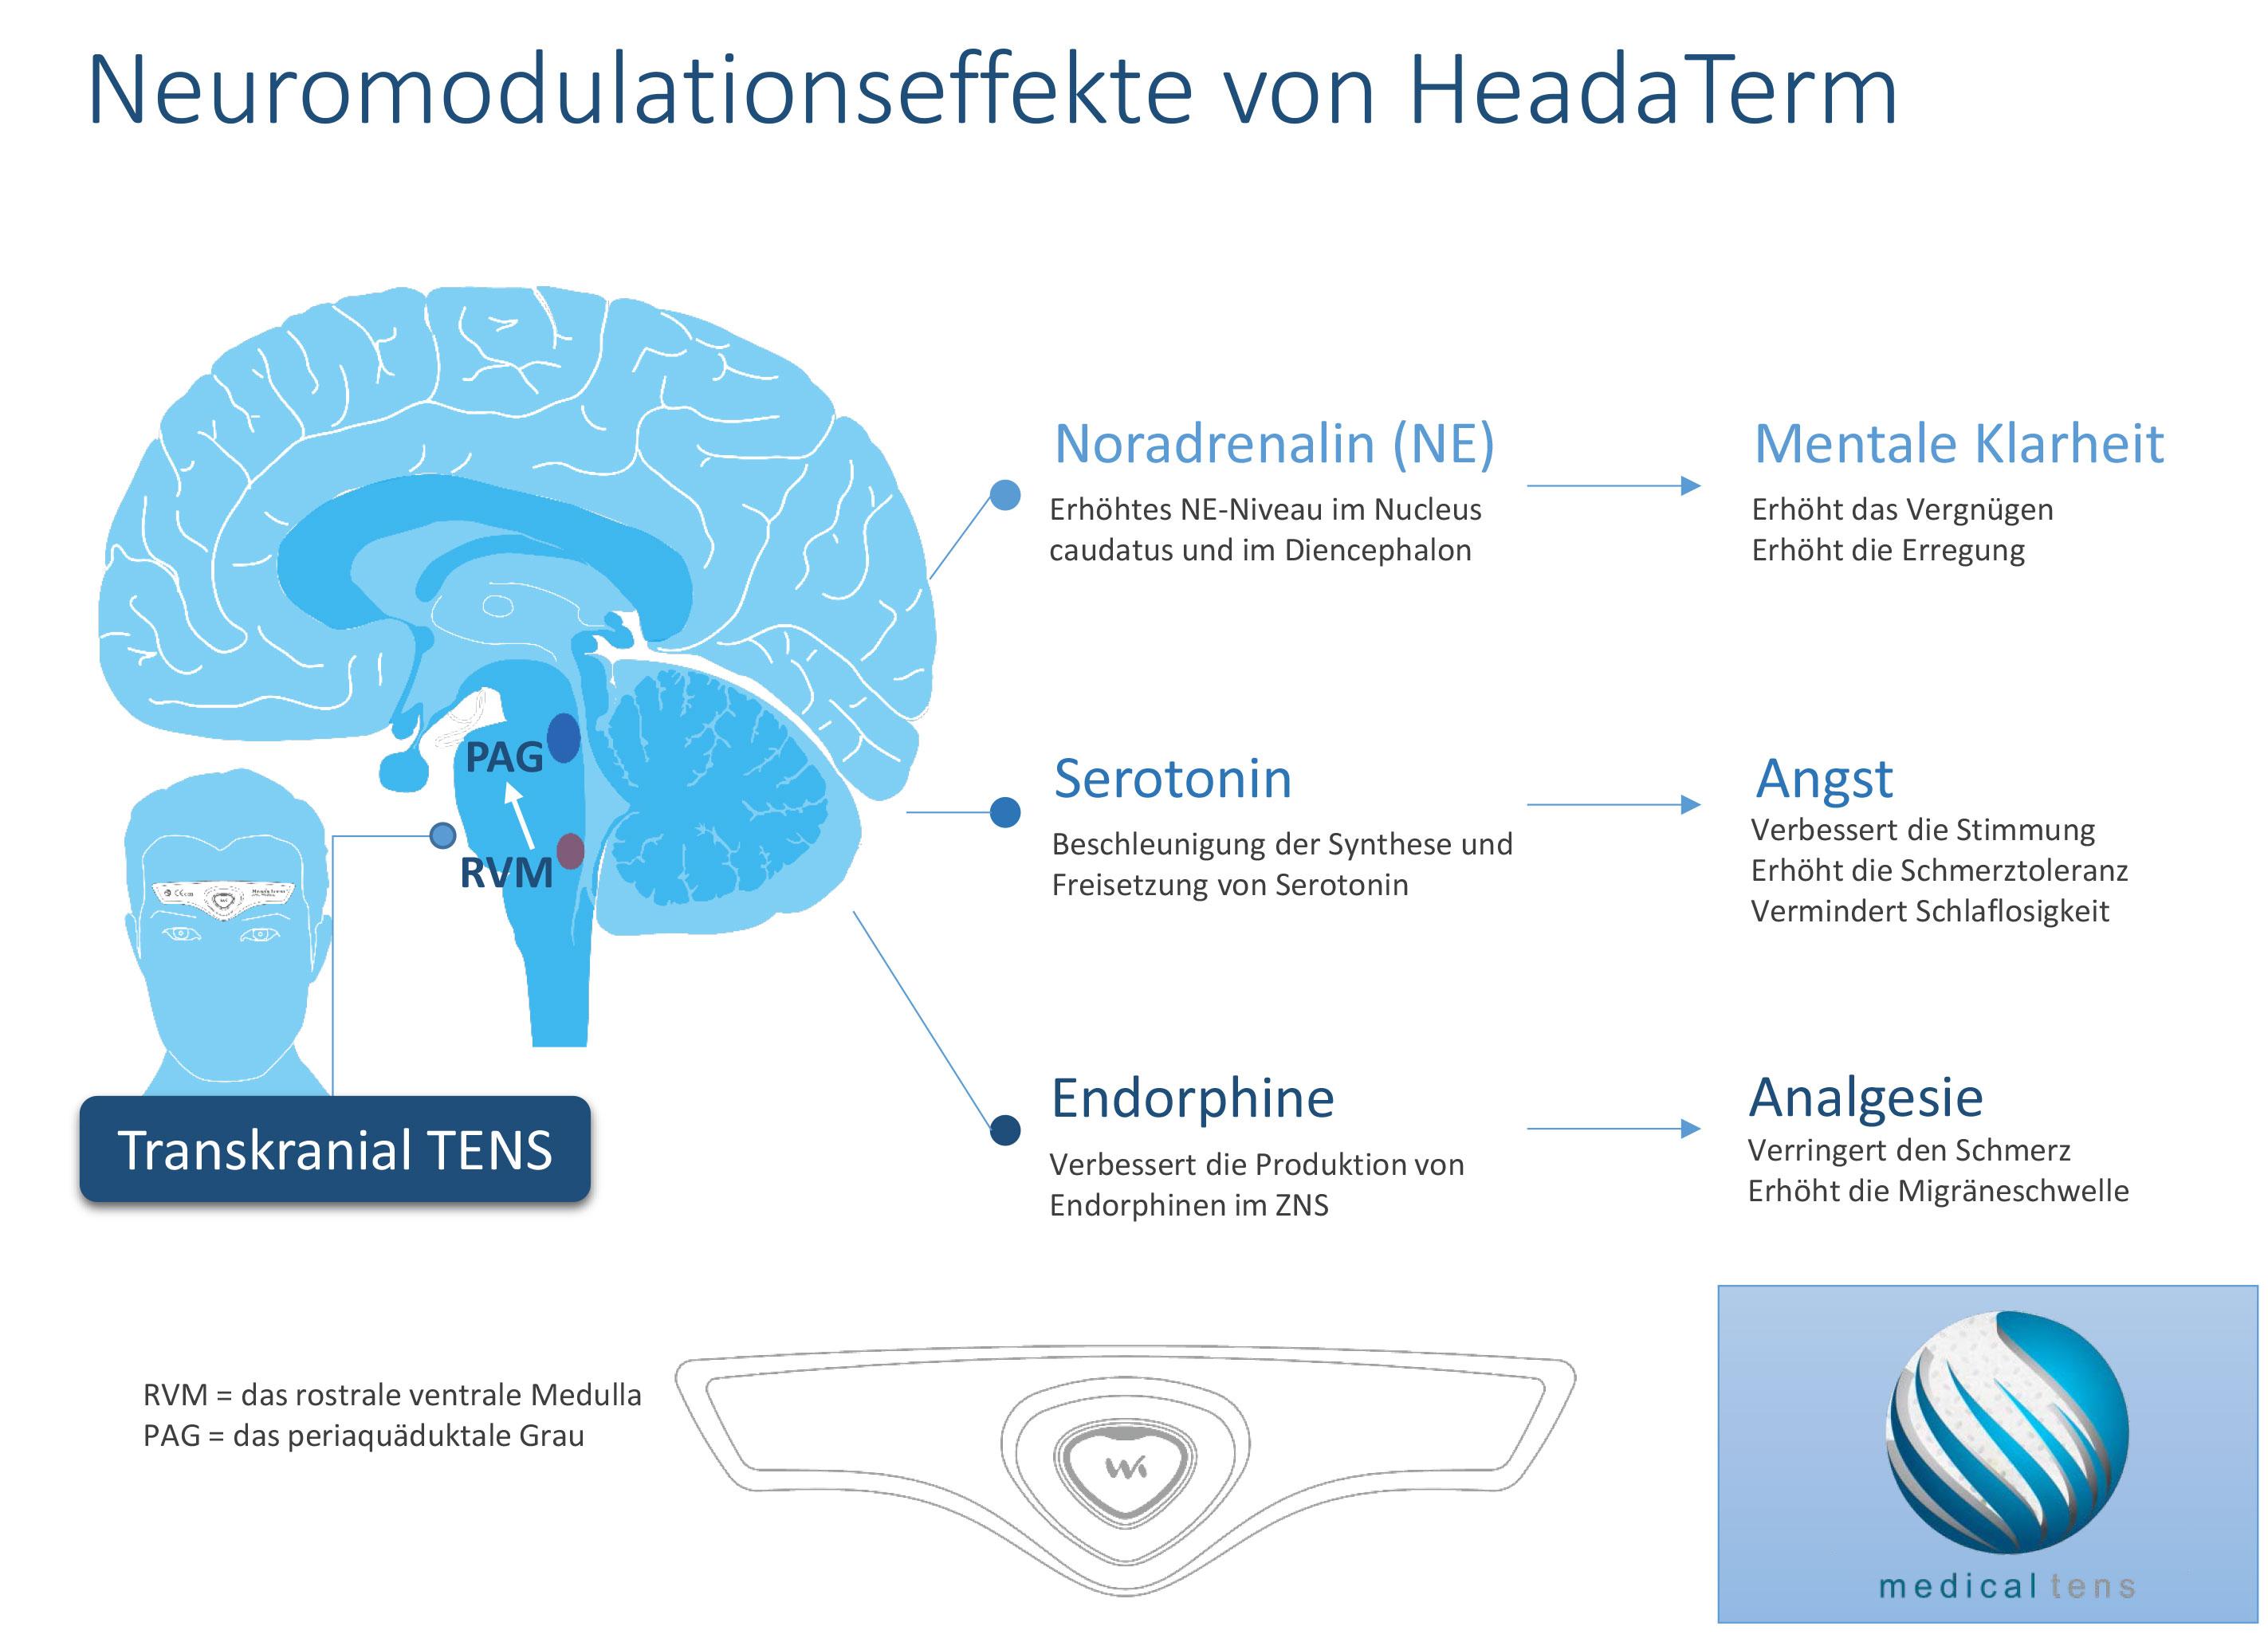 D_Neuromodulation_Effekt